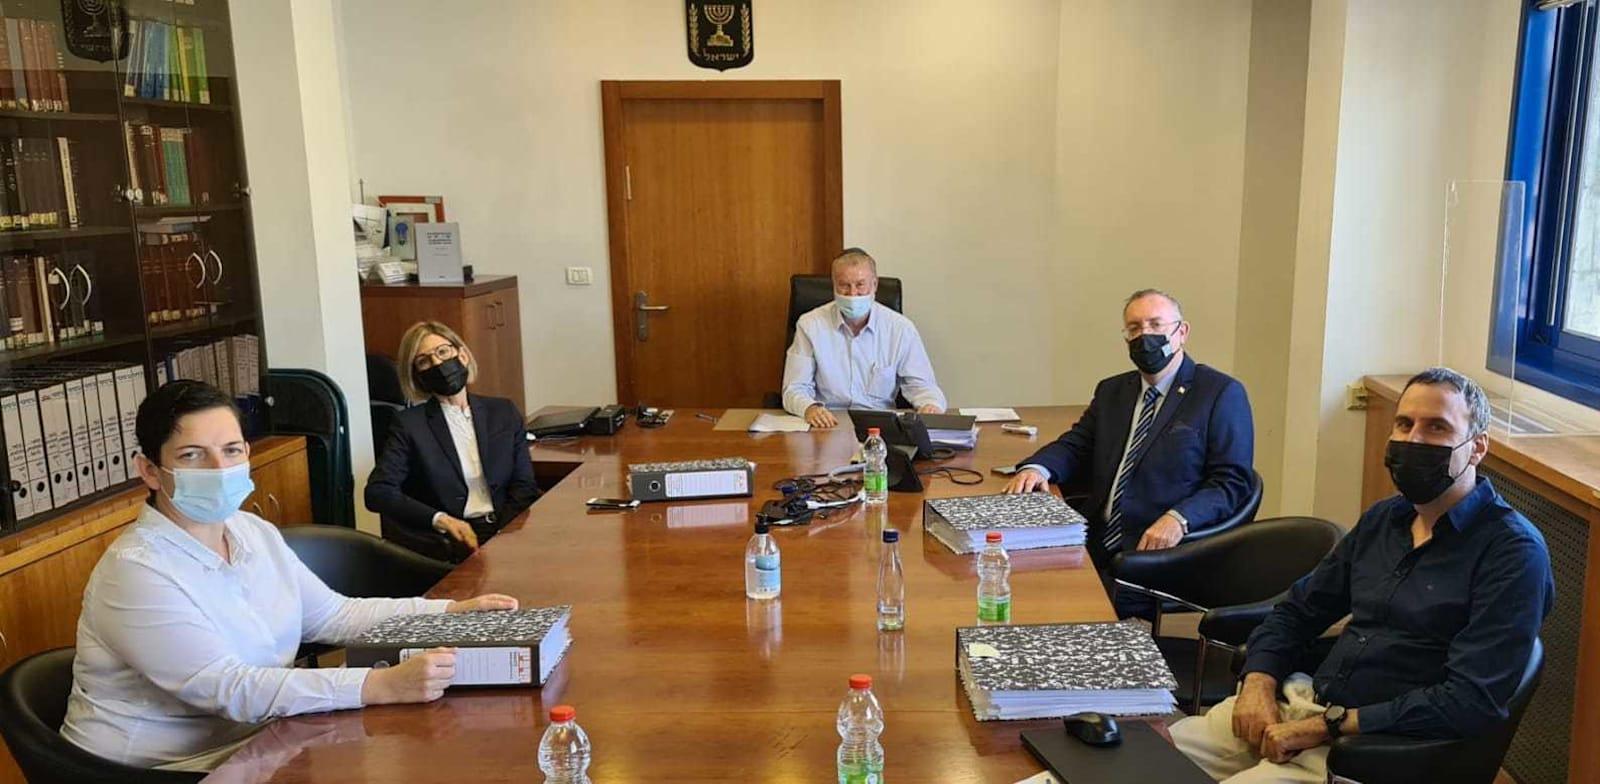 ועדת האיתור למשרת פרקליט המדינה / צילום: דוברות משרד המשפטים